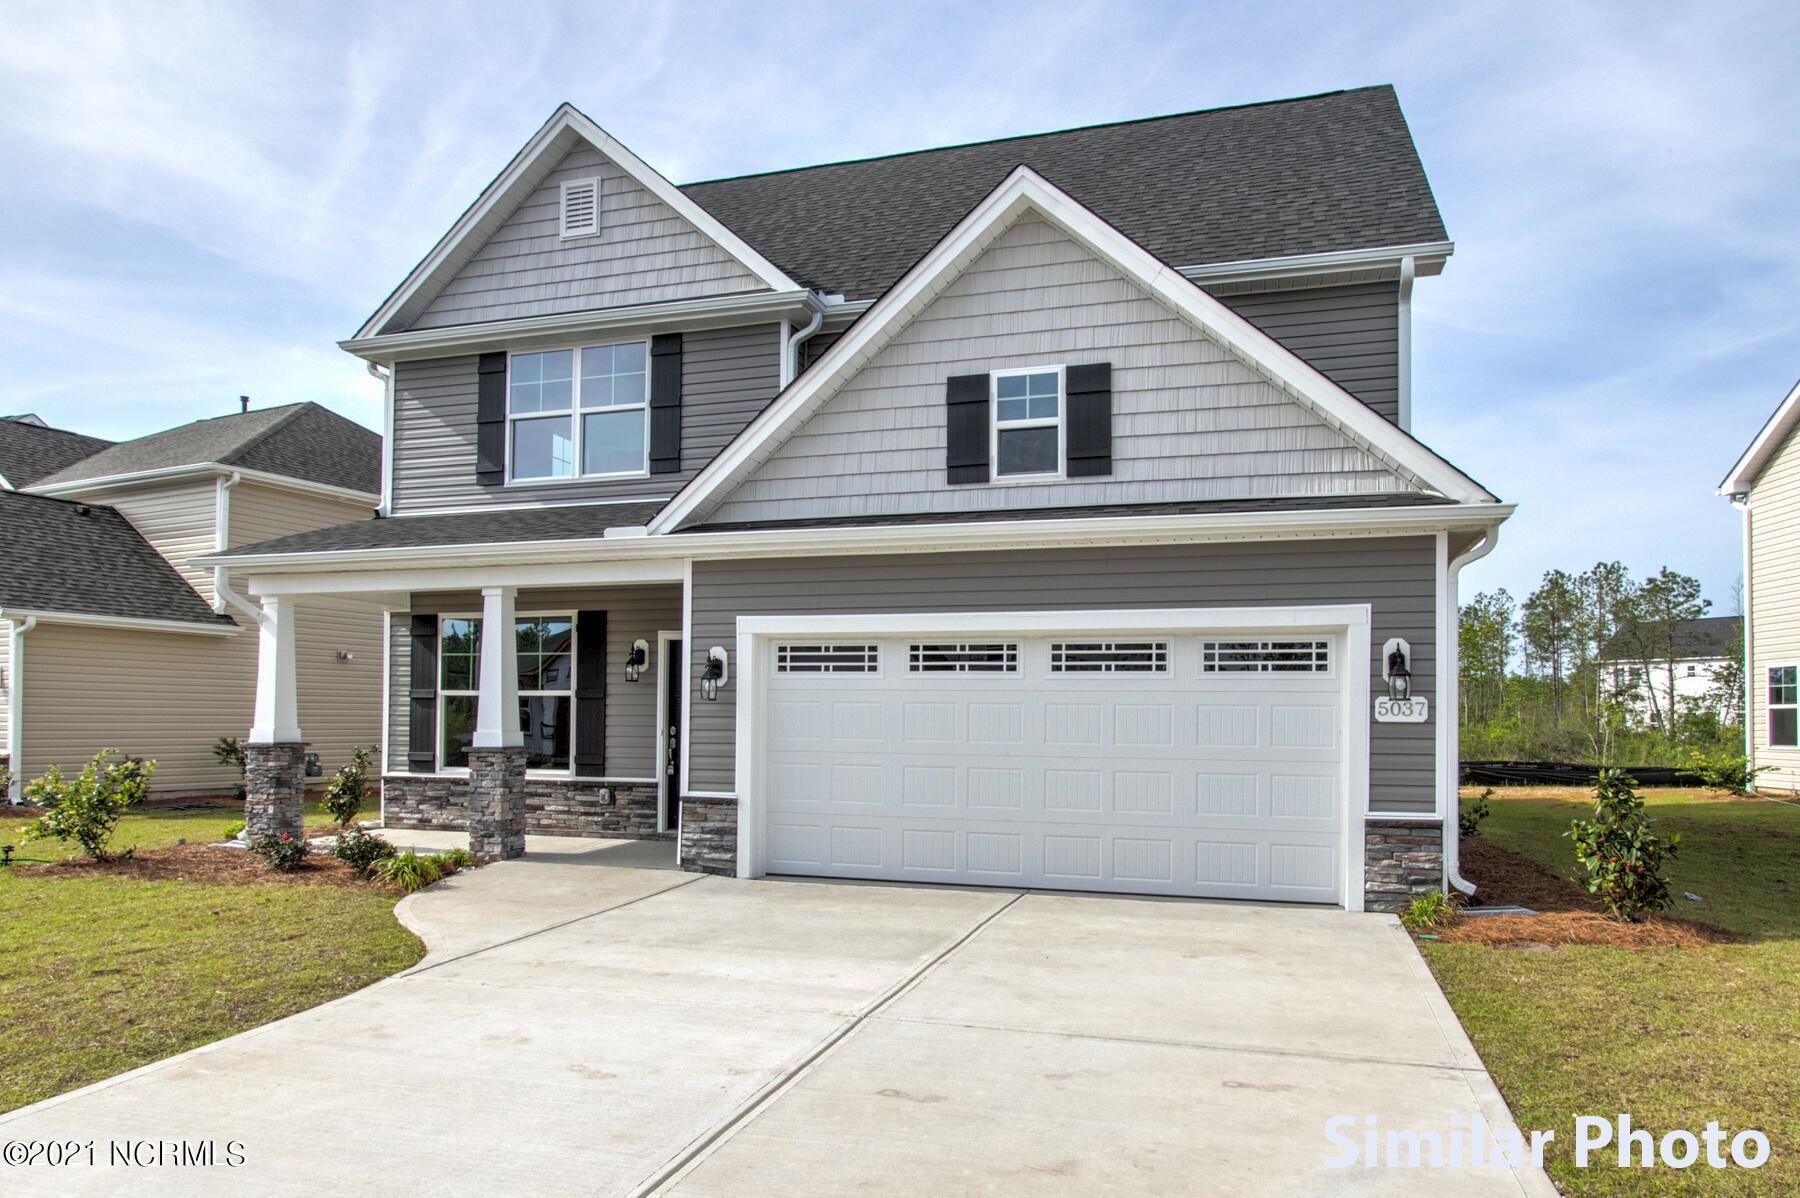 Photo of 5154 Cloverland Way, Wilmington, NC 28412 (MLS # 100283842)